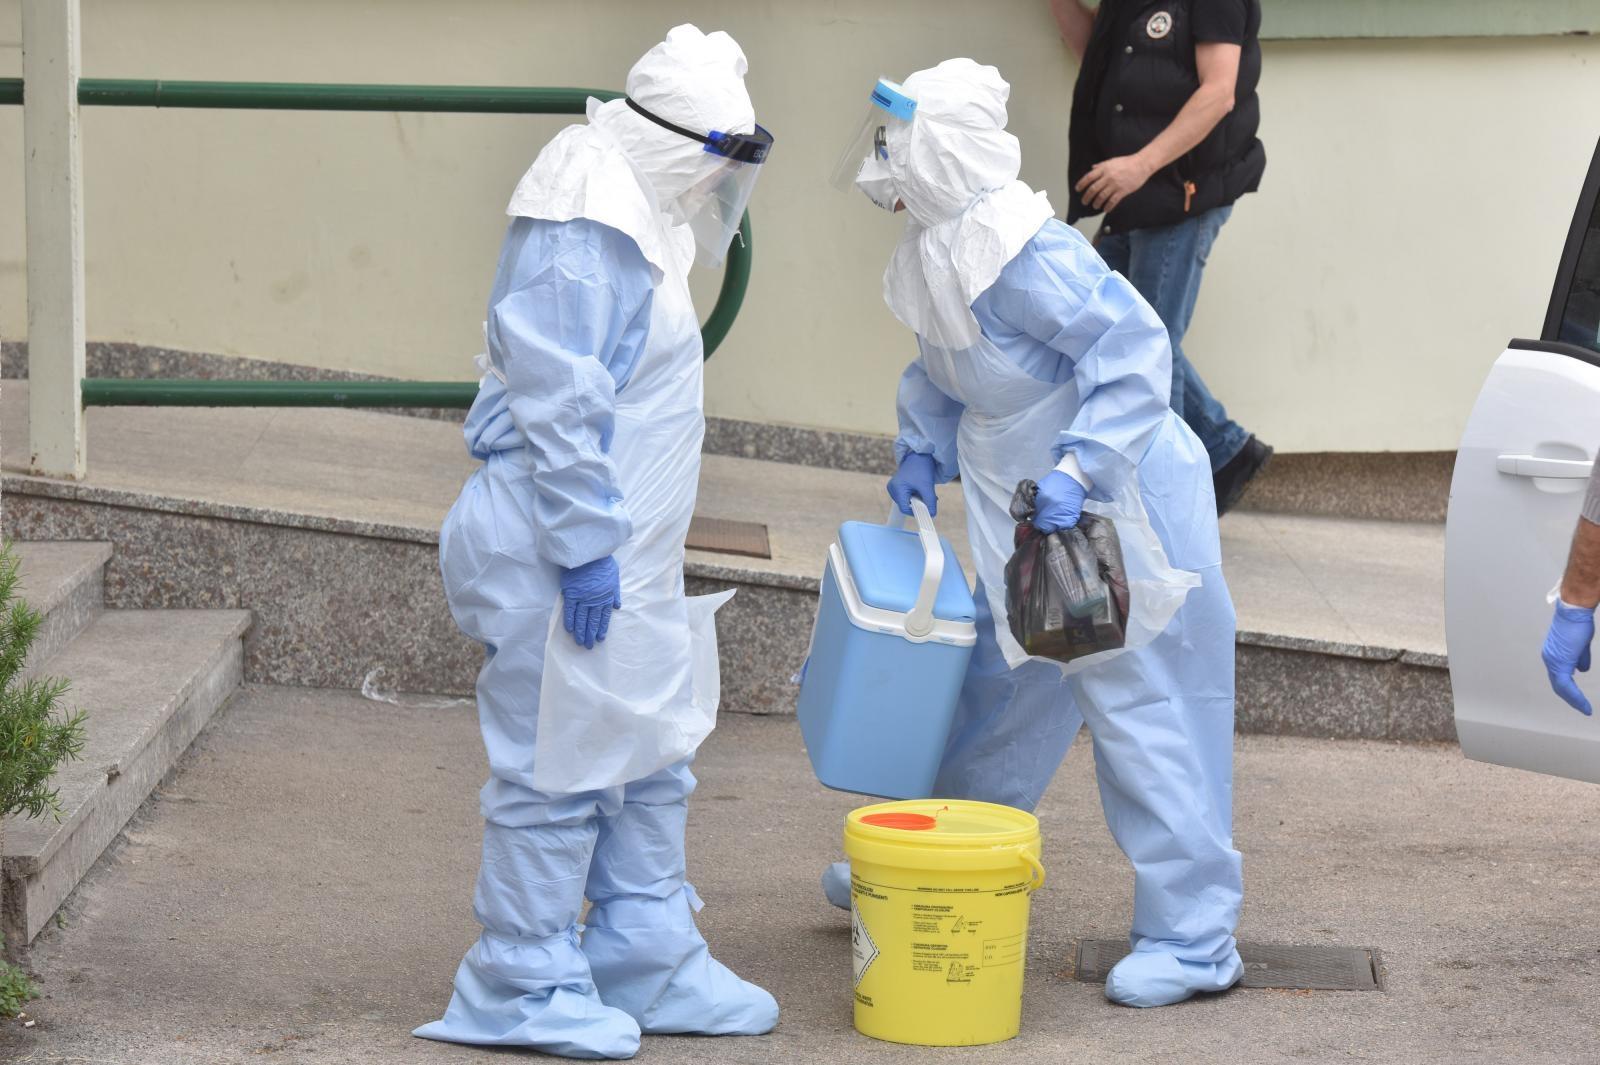 Drugi dan zaredom nemamo novih slučajeva zaraze; umrla je jedna osoba